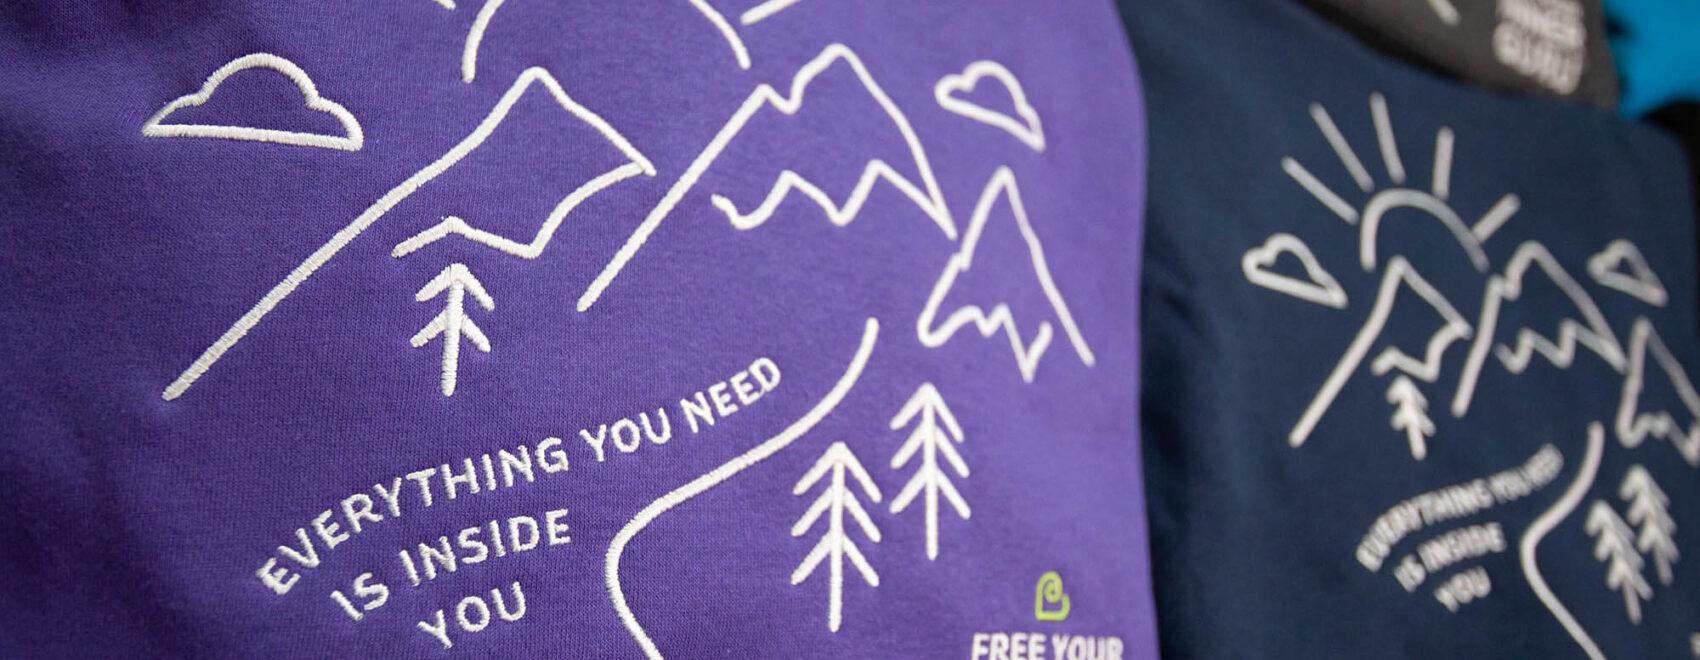 Free Your Inner Guru Shop Hoodie T Shirt Notebooks